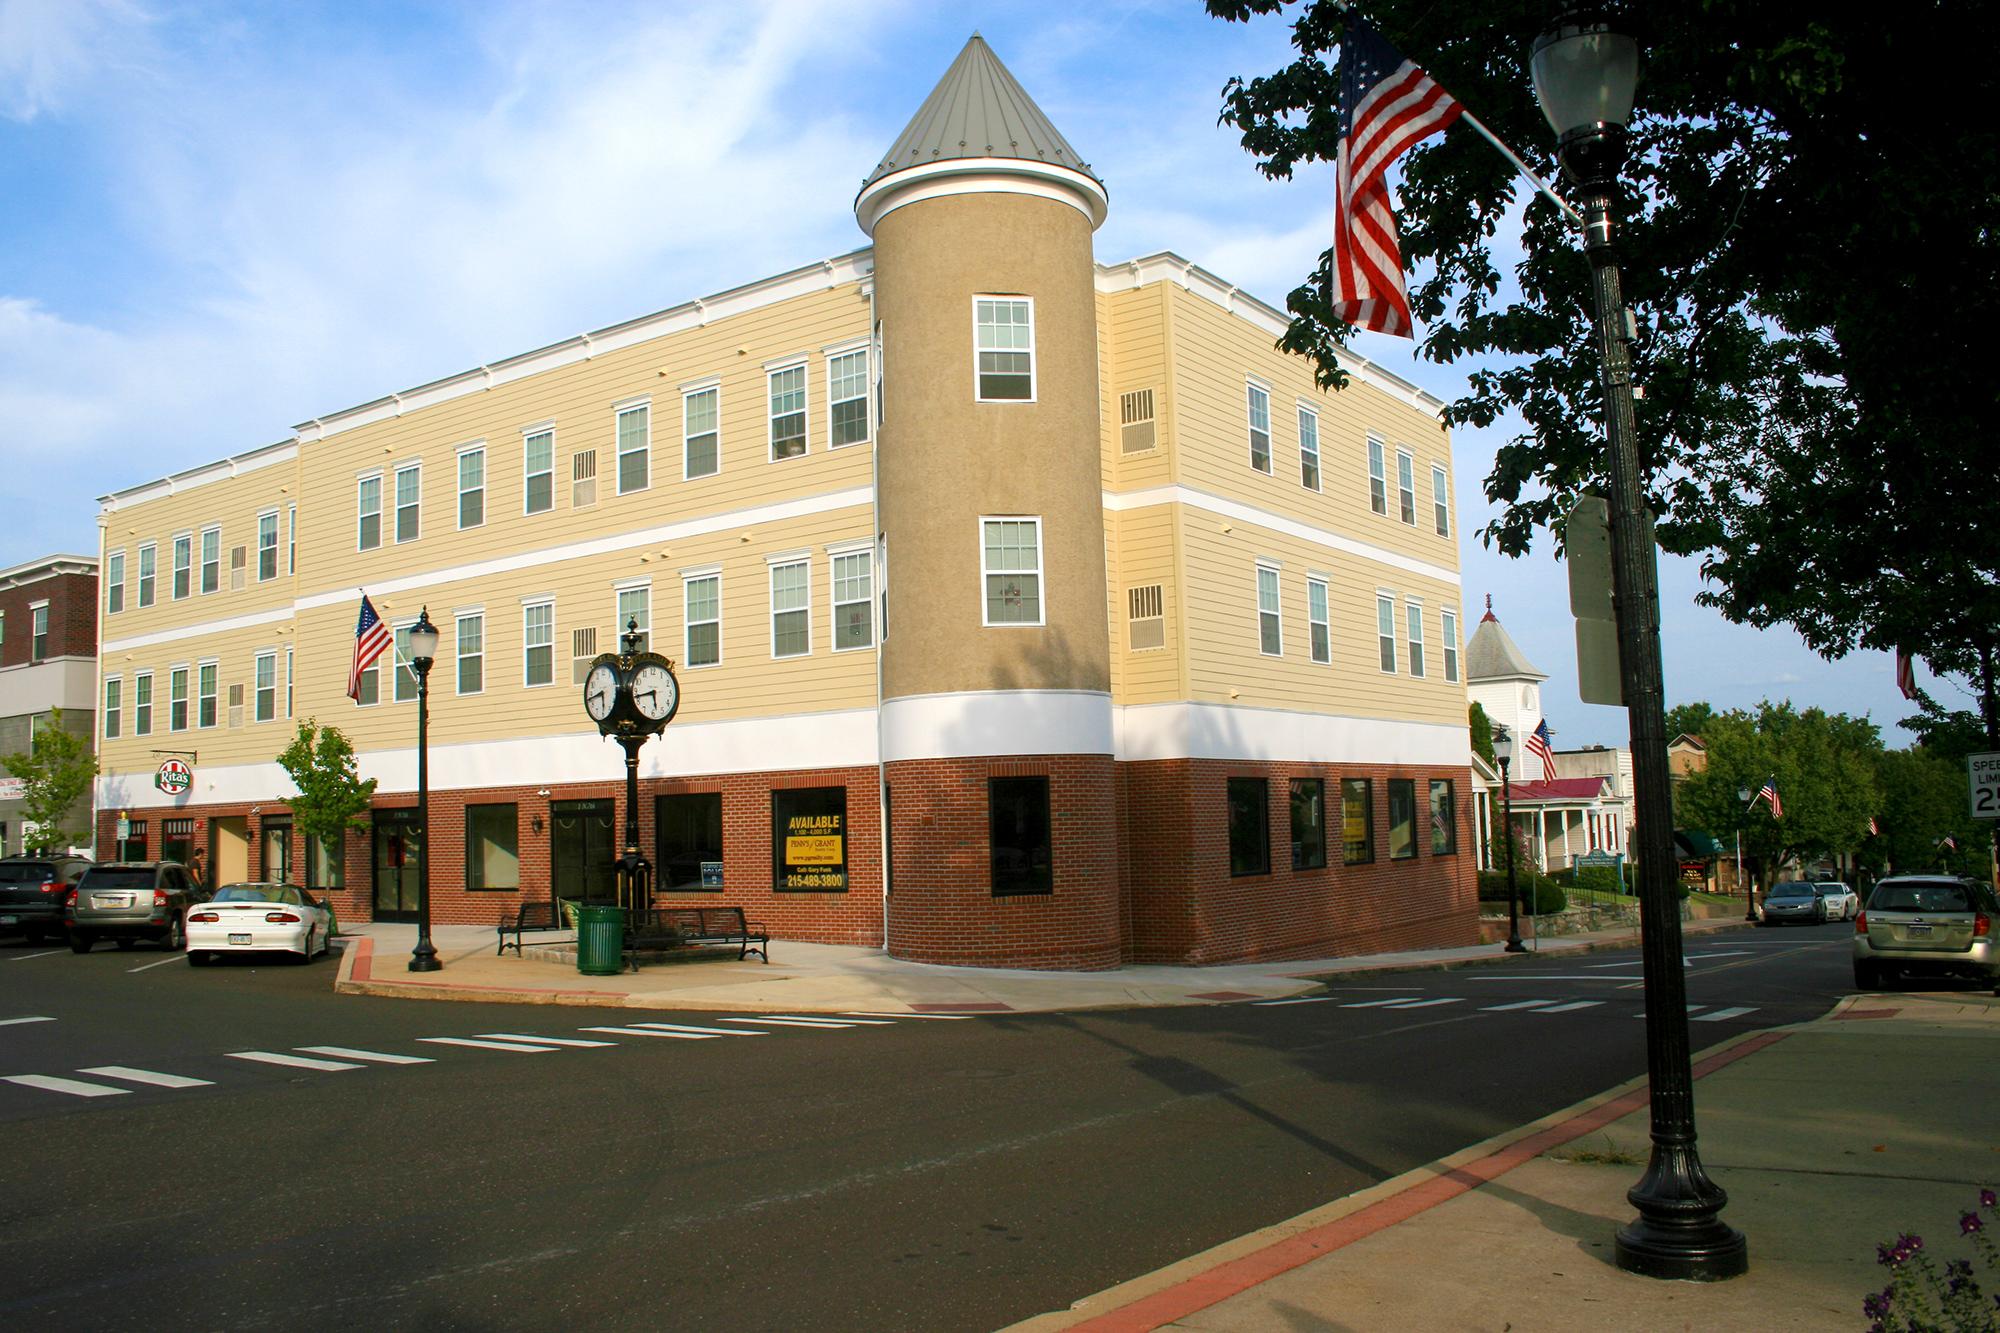 American House in Perkasie, PA